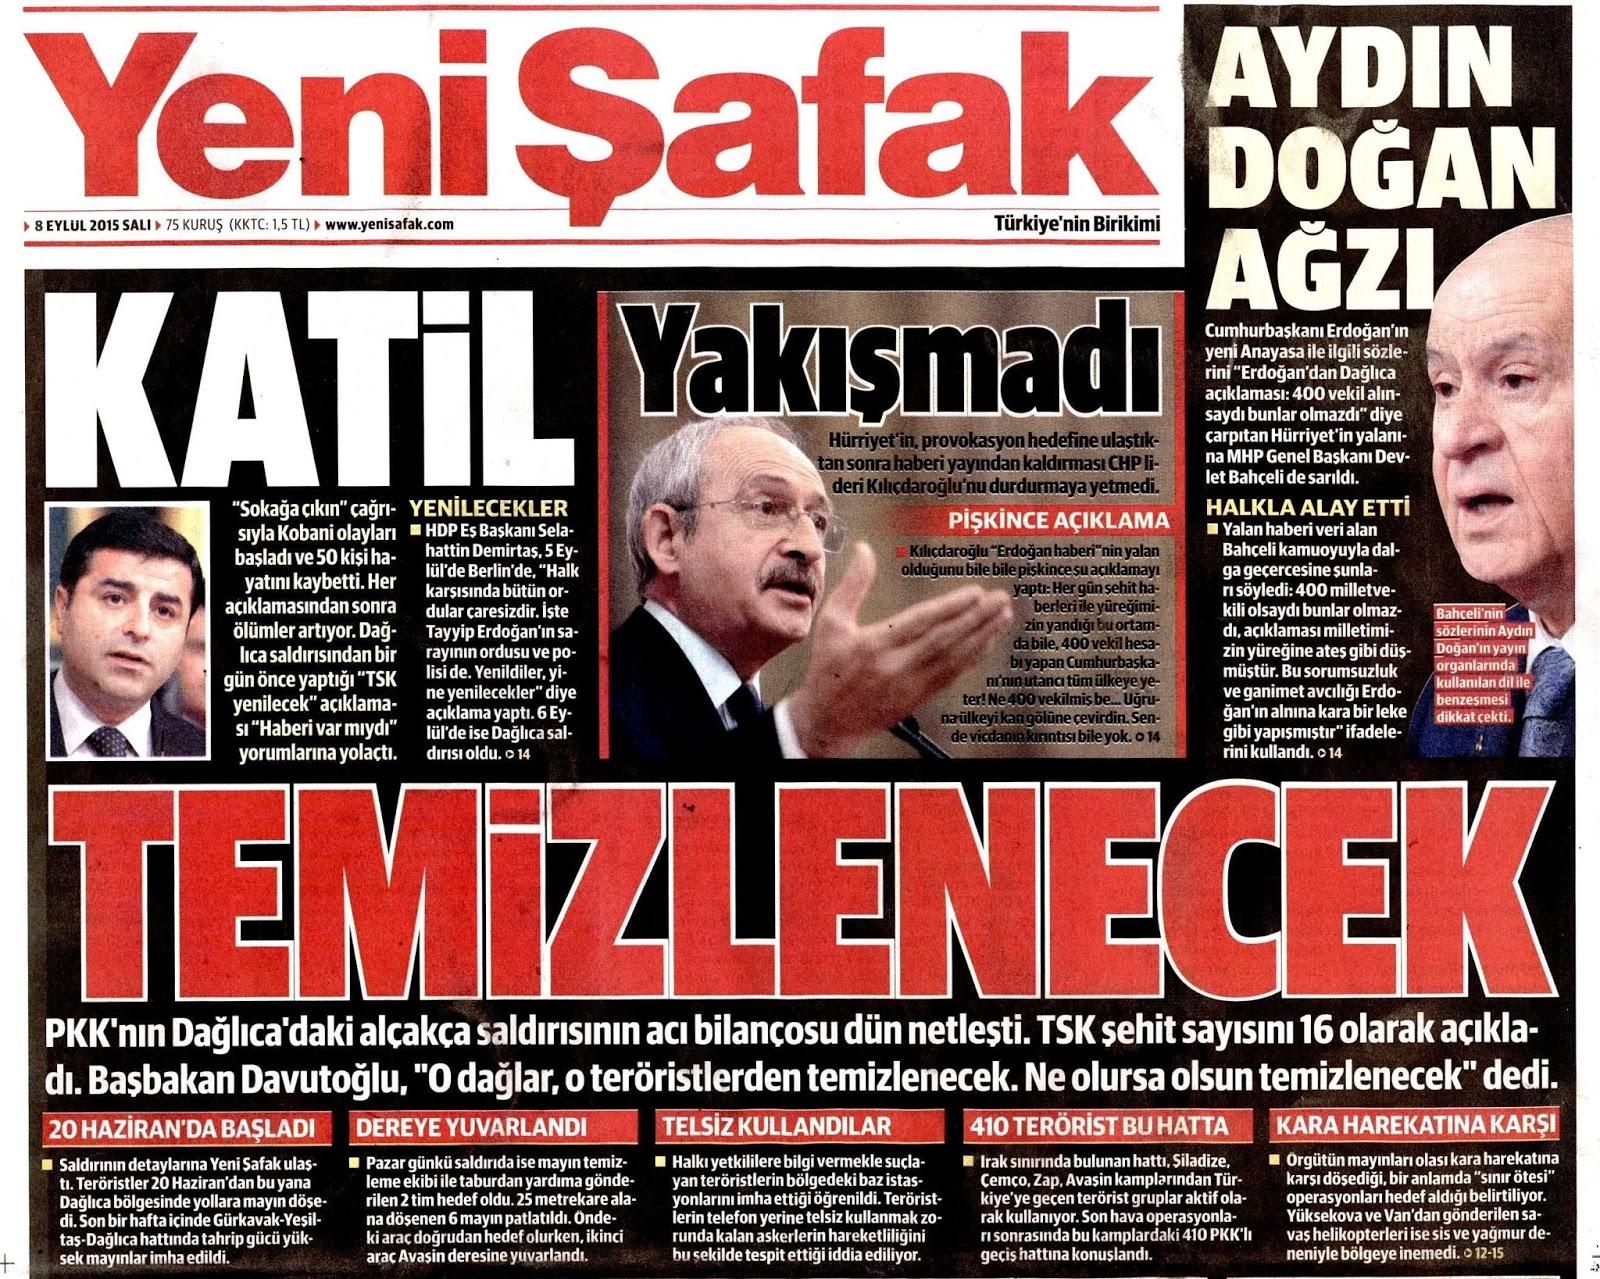 Ahmet Altan: Bugün Atatürkü Arar Hale Geldik 77